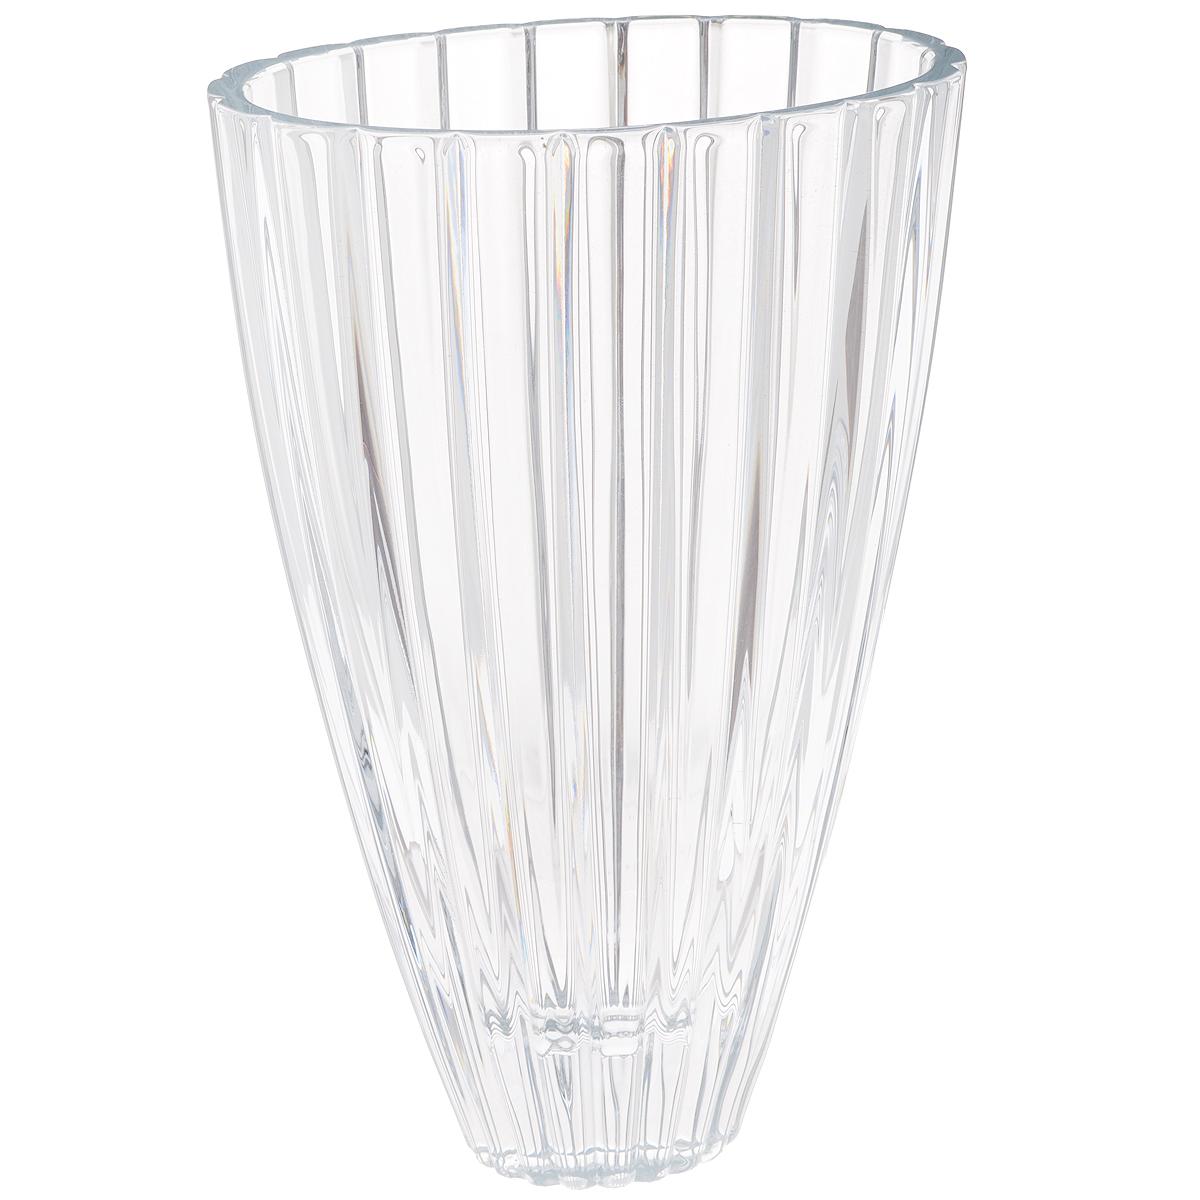 Ваза Crystalite Bohemia Овал, высота 30,5 см627983Изящная ваза Crystalite Bohemia Овал изготовлена из прочного утолщенного стекла кристалайт. Она красиво переливается и излучает приятный блеск. Ваза оснащена краями овальной формы и рельефной многогранной поверхностью, что делает ее изящным украшением интерьера. Ваза Crystalite Bohemia Овал дополнит интерьер офиса или дома и станет желанным и стильным подарком.